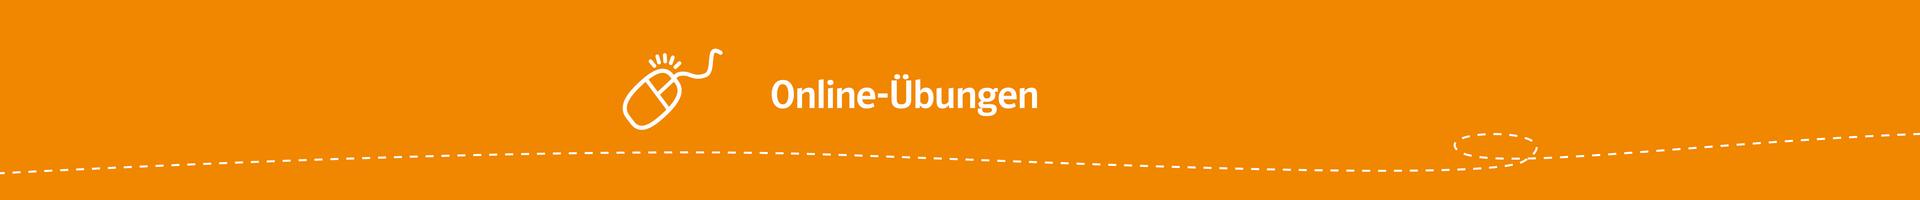 Online-Übungen | Downloads | Klett Sprachen